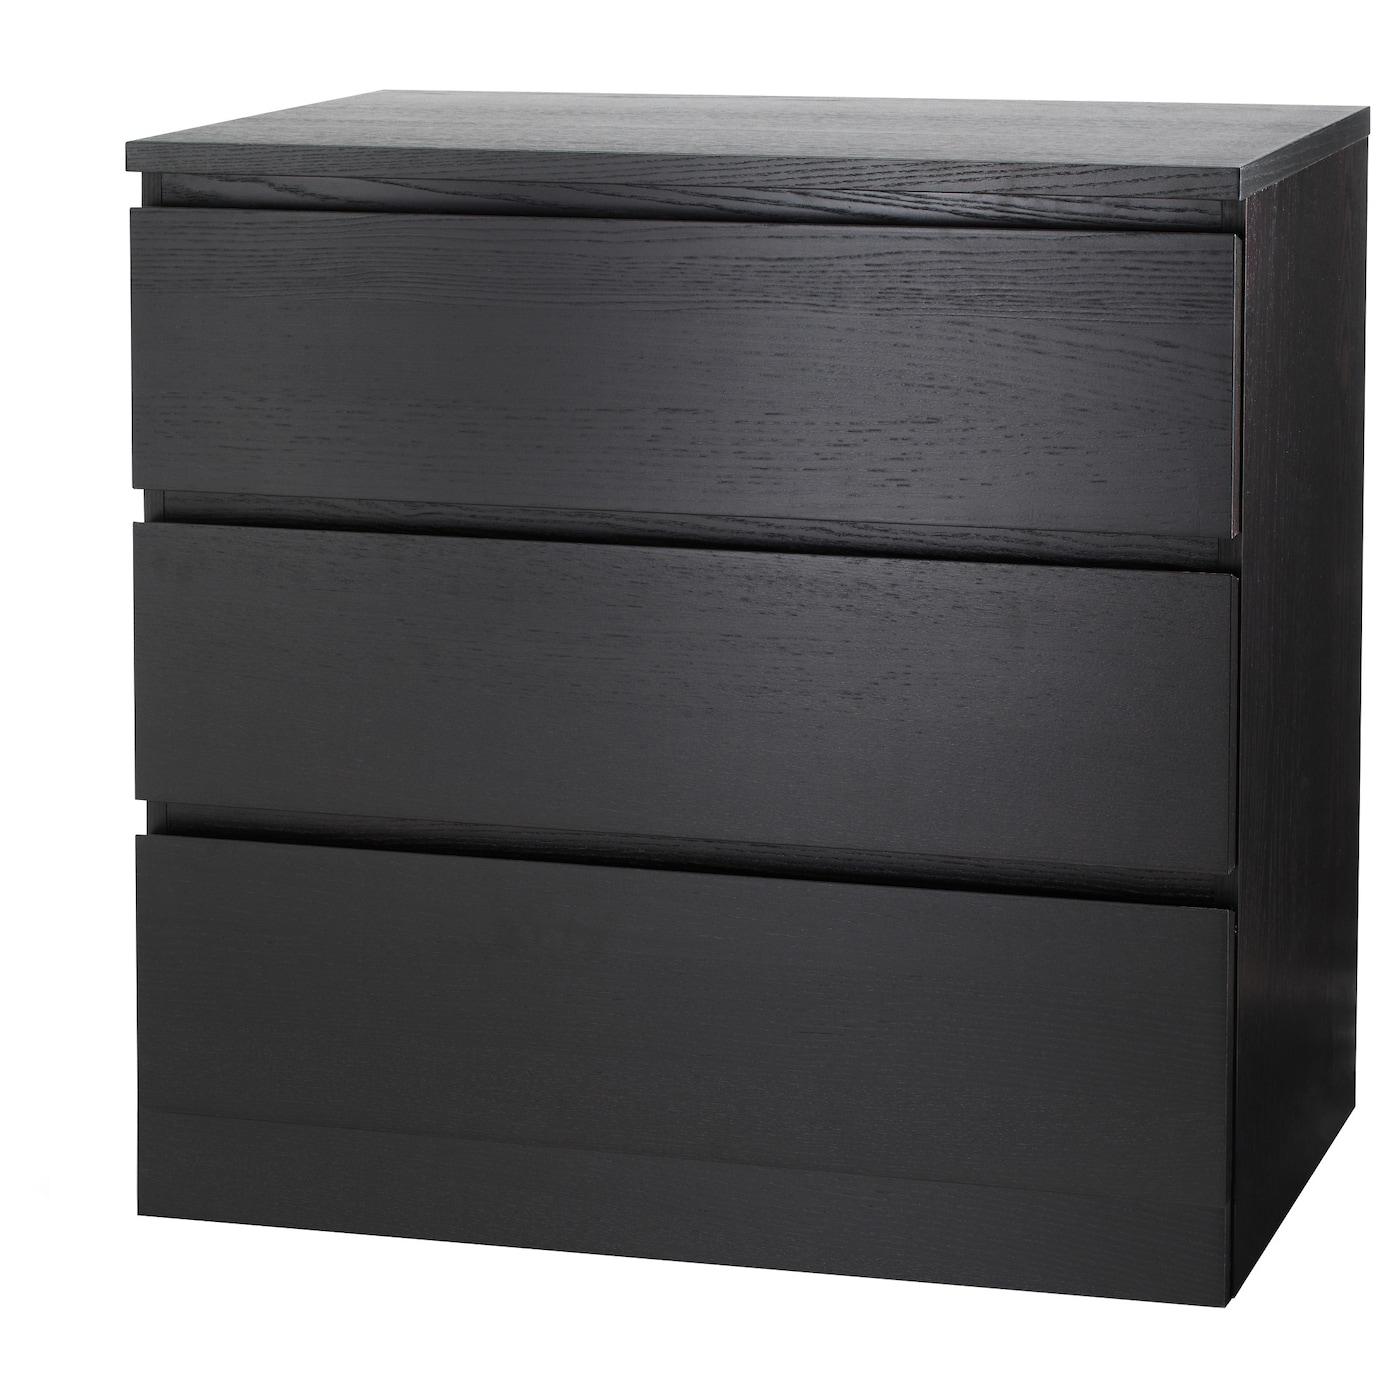 IKEA MALM Komoda, 3 szuflady, czarnobrąz, 80x78 cm